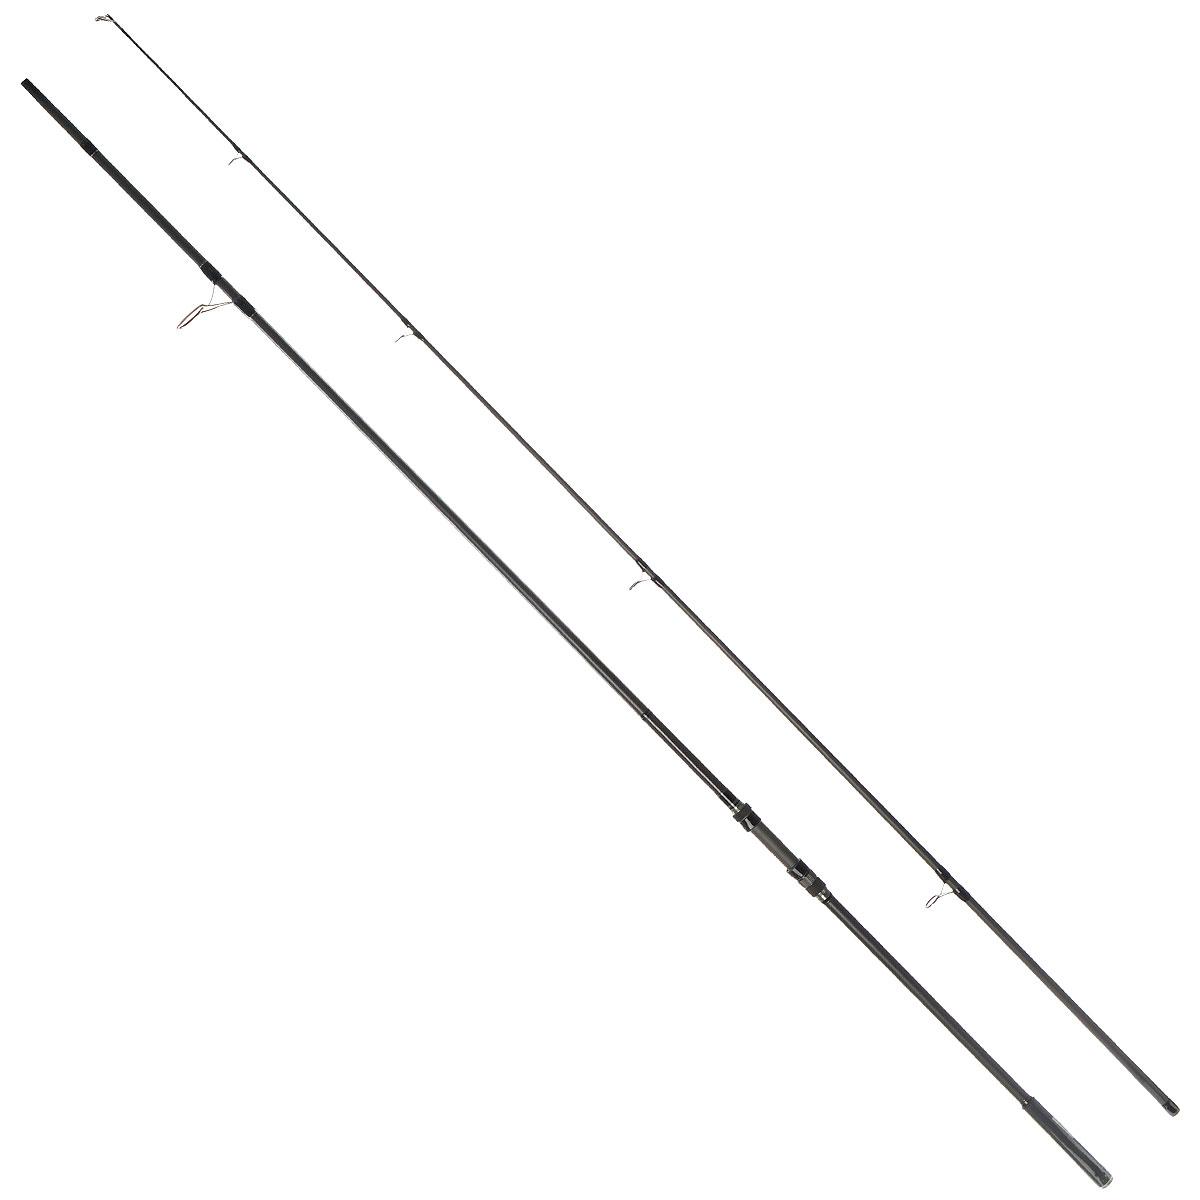 Удилище карповое Daiwa Windcast Carp, 3,9 м, 5 lbsPGPS7797CIS08GBNVDaiwa Windcast Carp - это высококлассное карповое удилище с феноменальными рабочими характеристиками.Особенности удилища:Бланки из высокомодульного графита обеспечивают высокую чувствительность и мощность. Армирующая графитовая оплетка по всей длине. Надежный катушкодержатель от FujiПропускные кольца со вставками Sic. Флуоресцентная полоска с подсветкой специально для ночной ловли.Поставляется в чехле для переноски и хранения.Тест: 5 lbs.